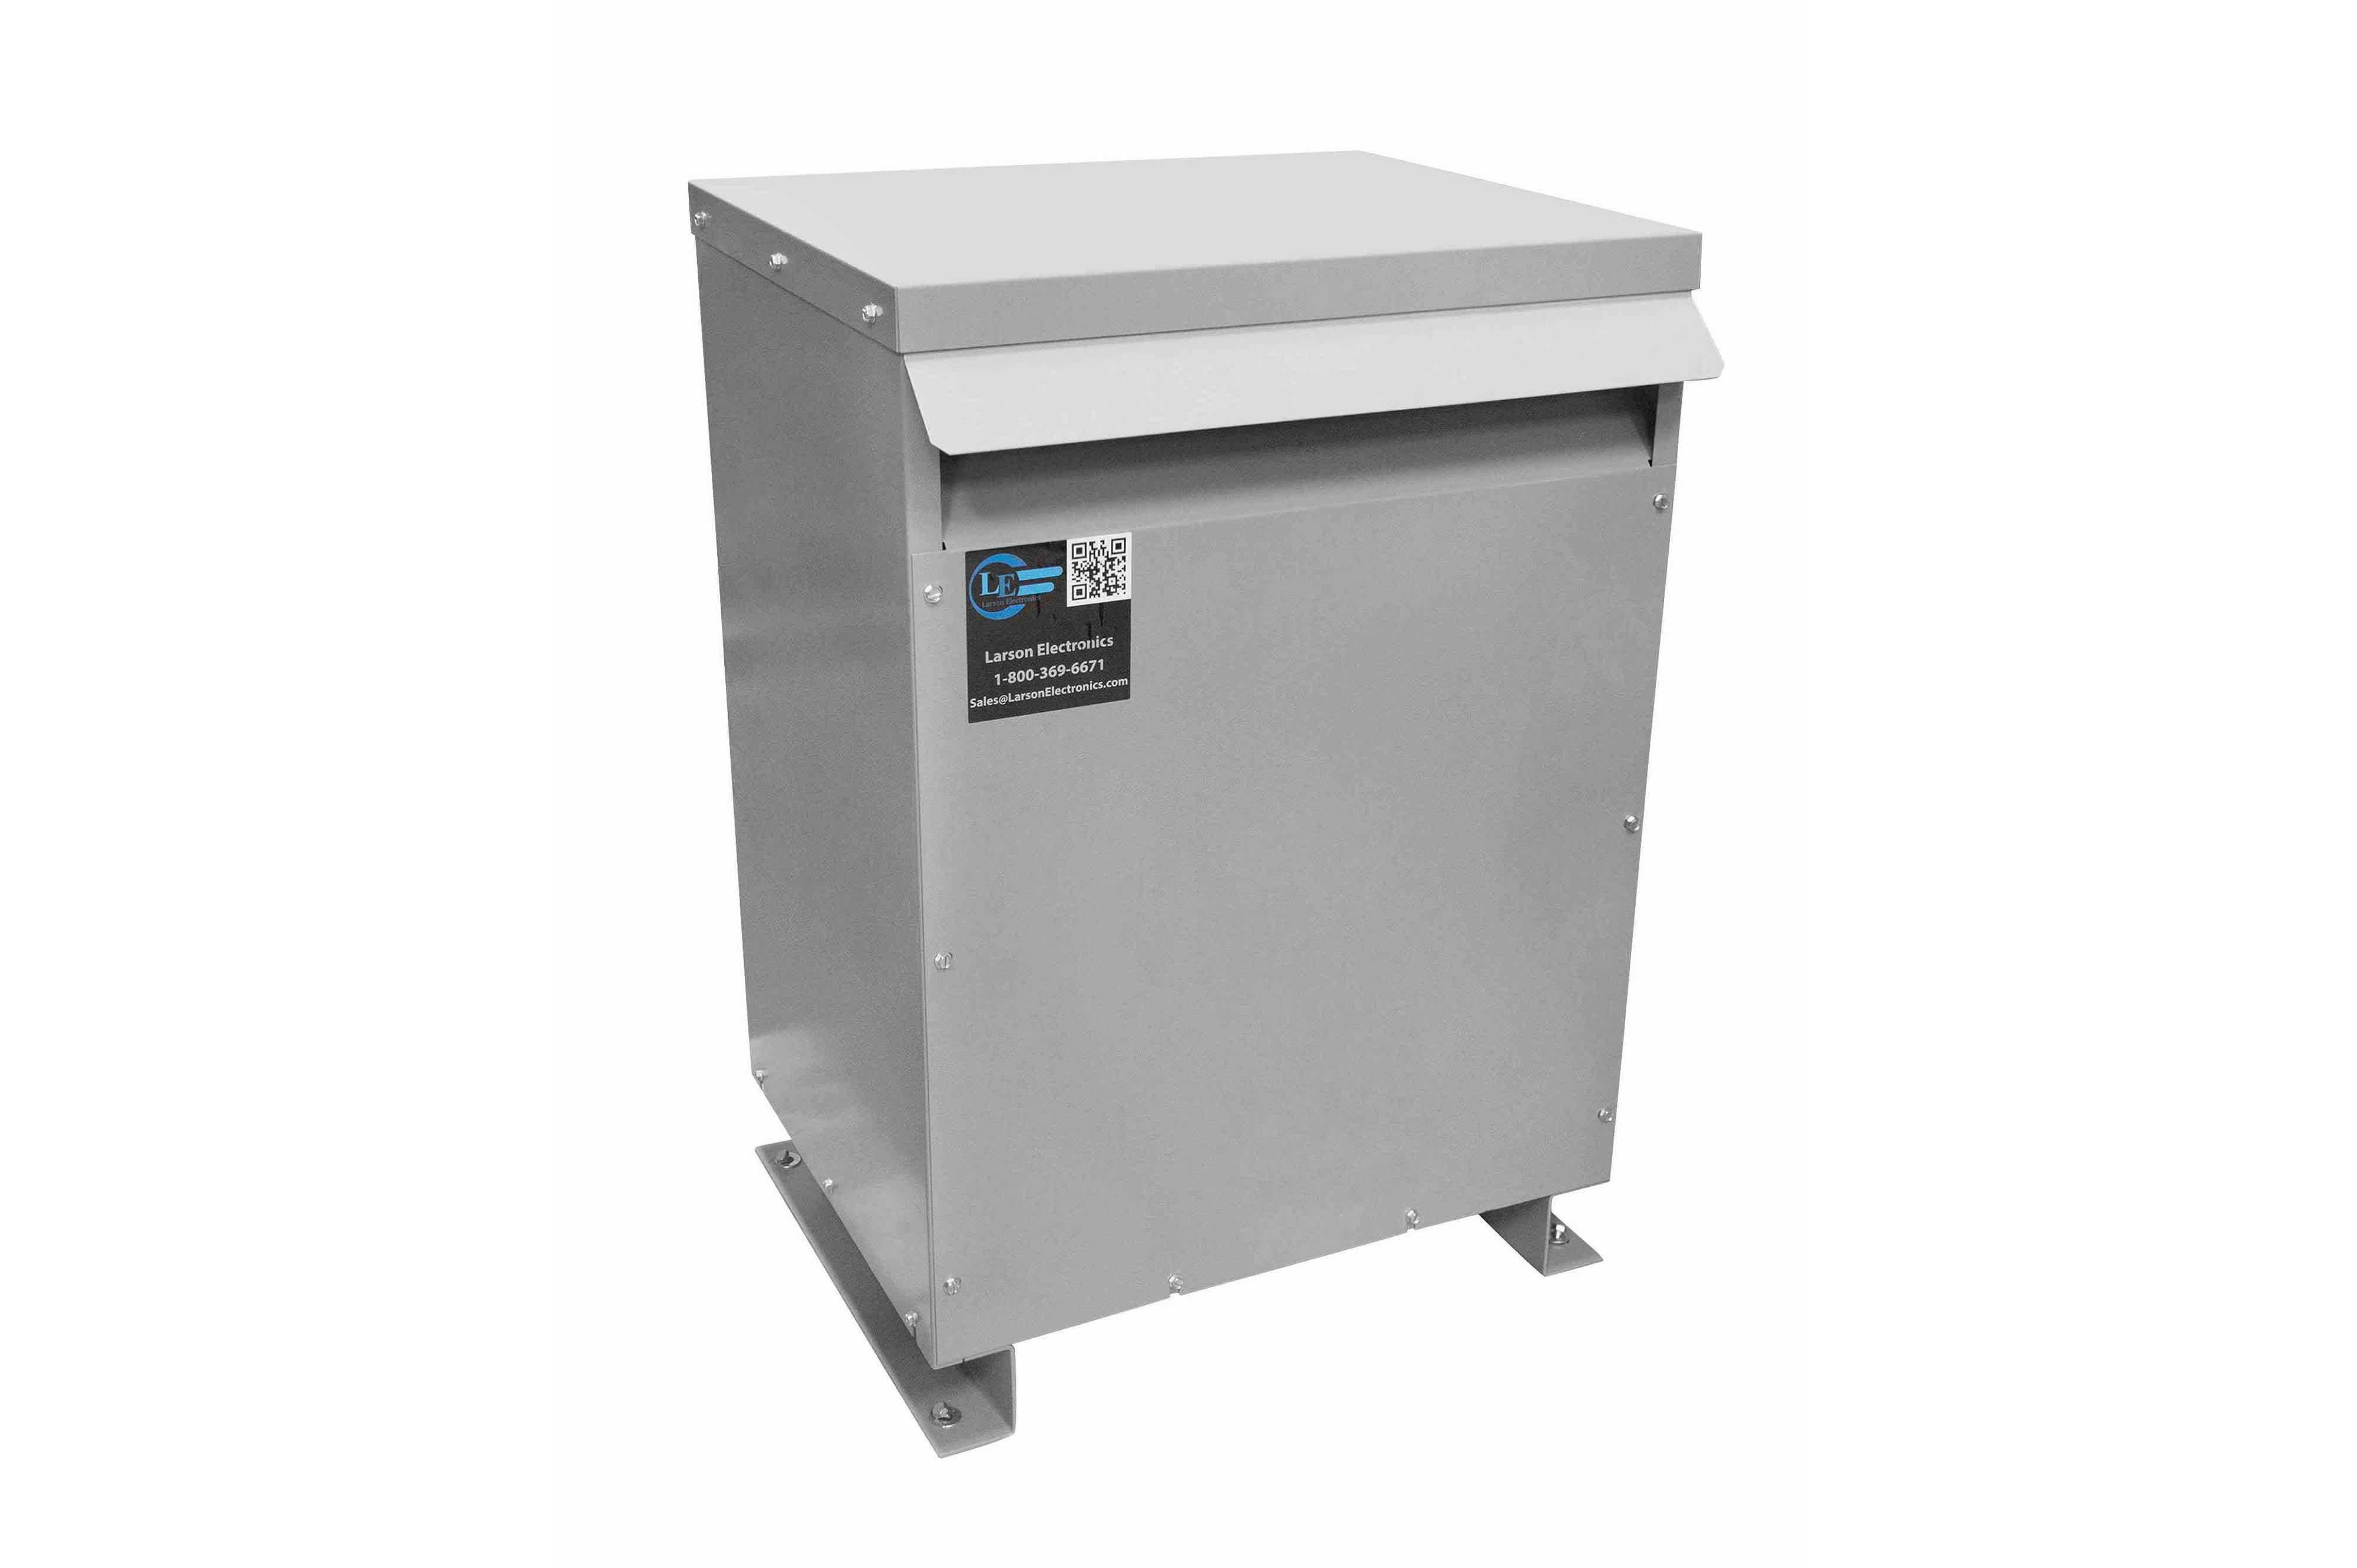 800 kVA 3PH Isolation Transformer, 415V Delta Primary, 600V Delta Secondary, N3R, Ventilated, 60 Hz